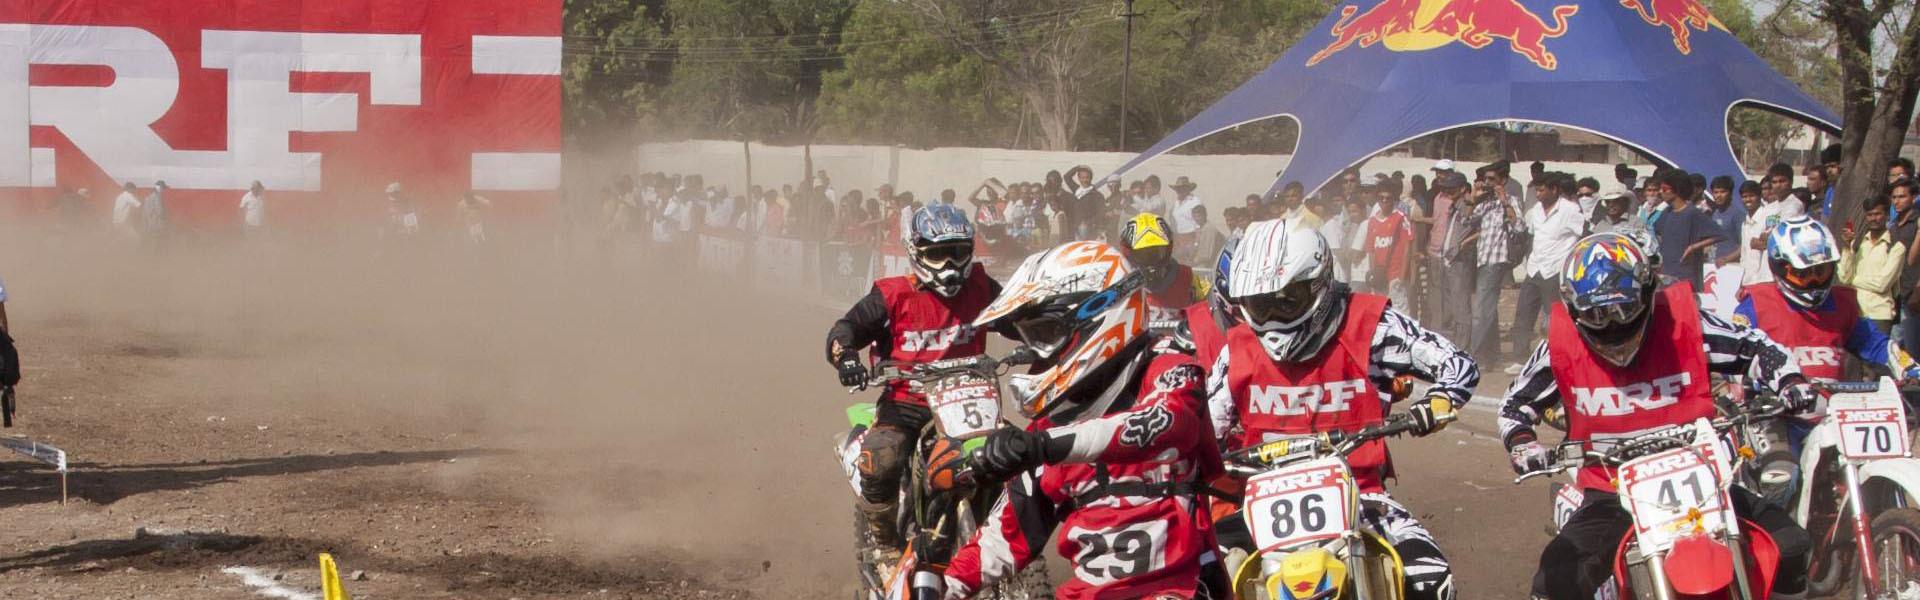 MRF motocross-1